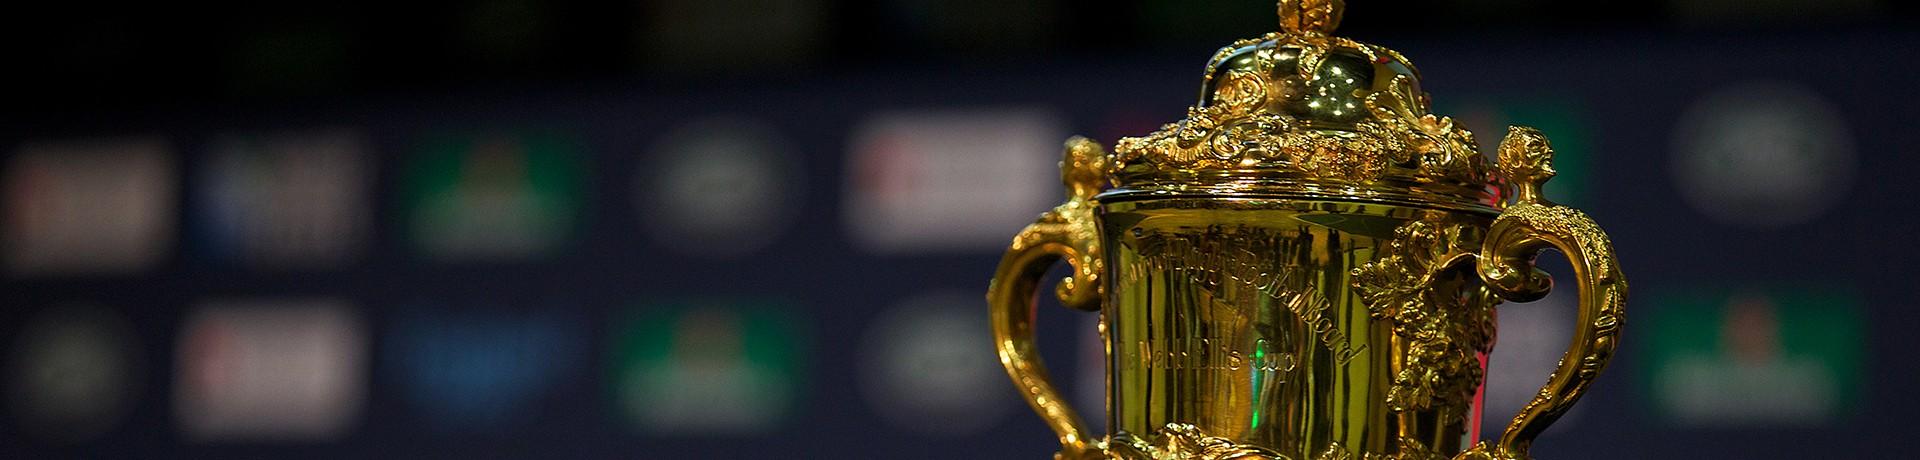 La coupe du monde de rugby (illustration)